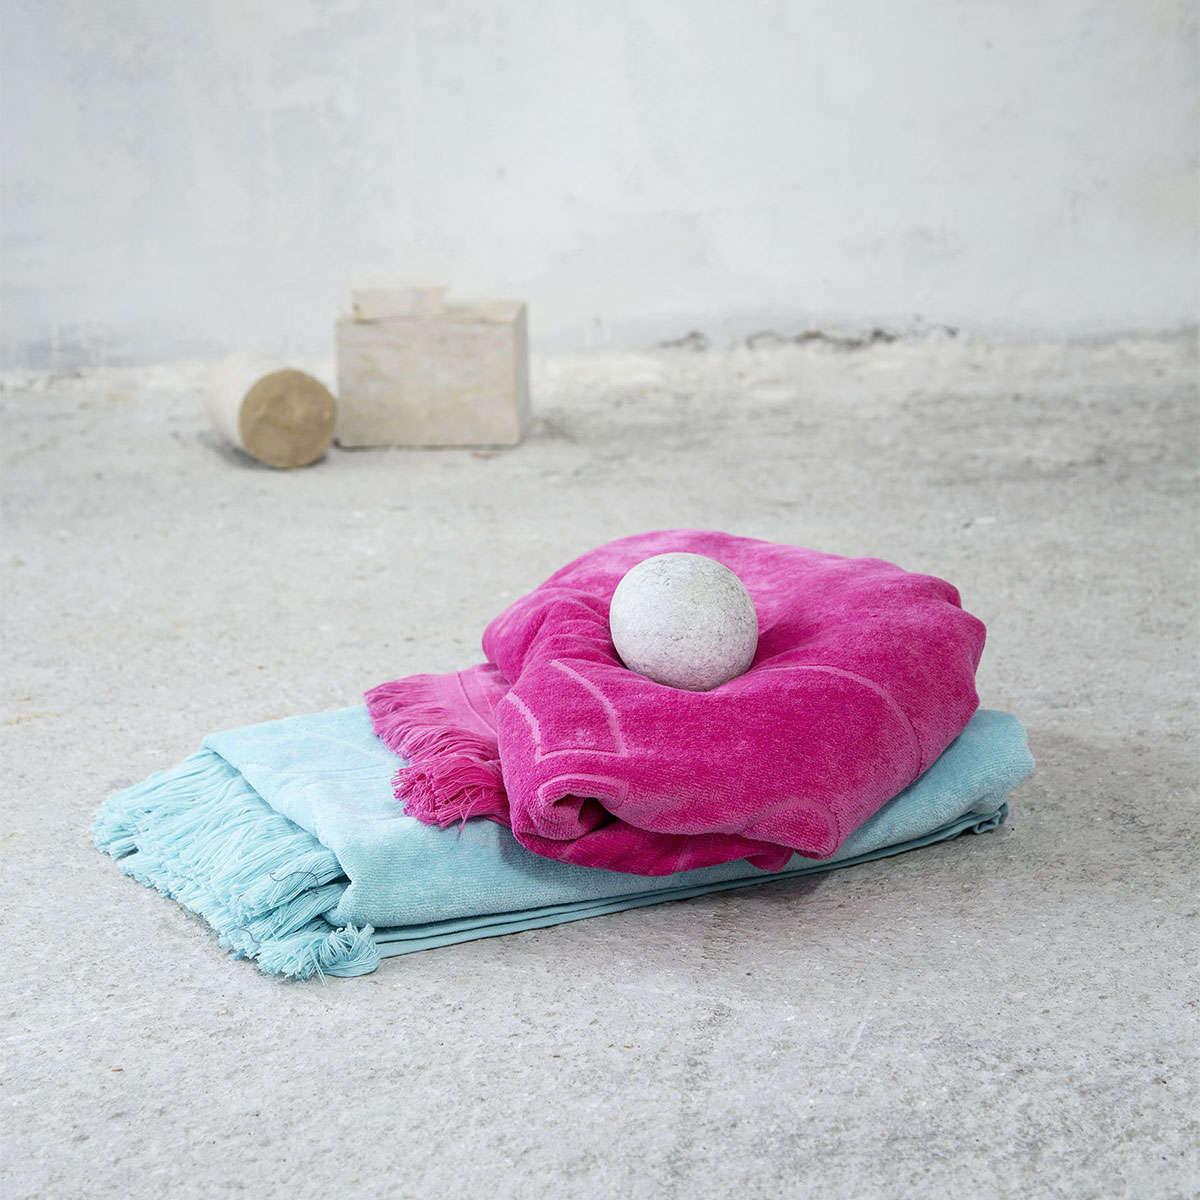 Πετσέτα Θαλάσσης – Fishbone Aqua Nima Θαλάσσης 90x160cm